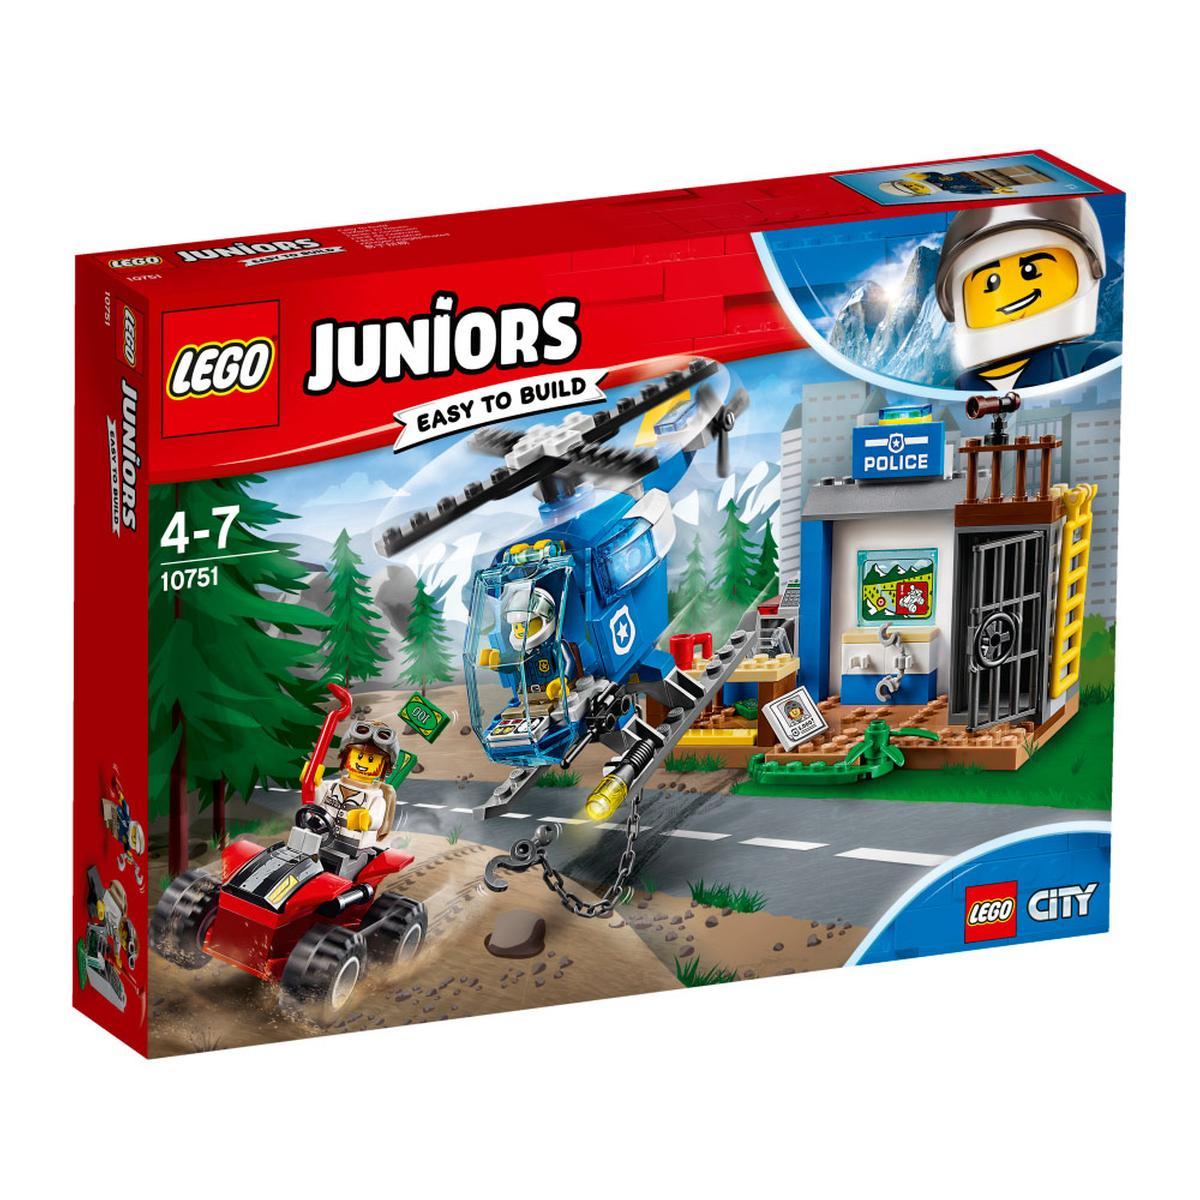 LEGO Junior - Persecución Policial en la Montaña y más modelos con descuento, envios gratis sin minimo los dias 10 y 11